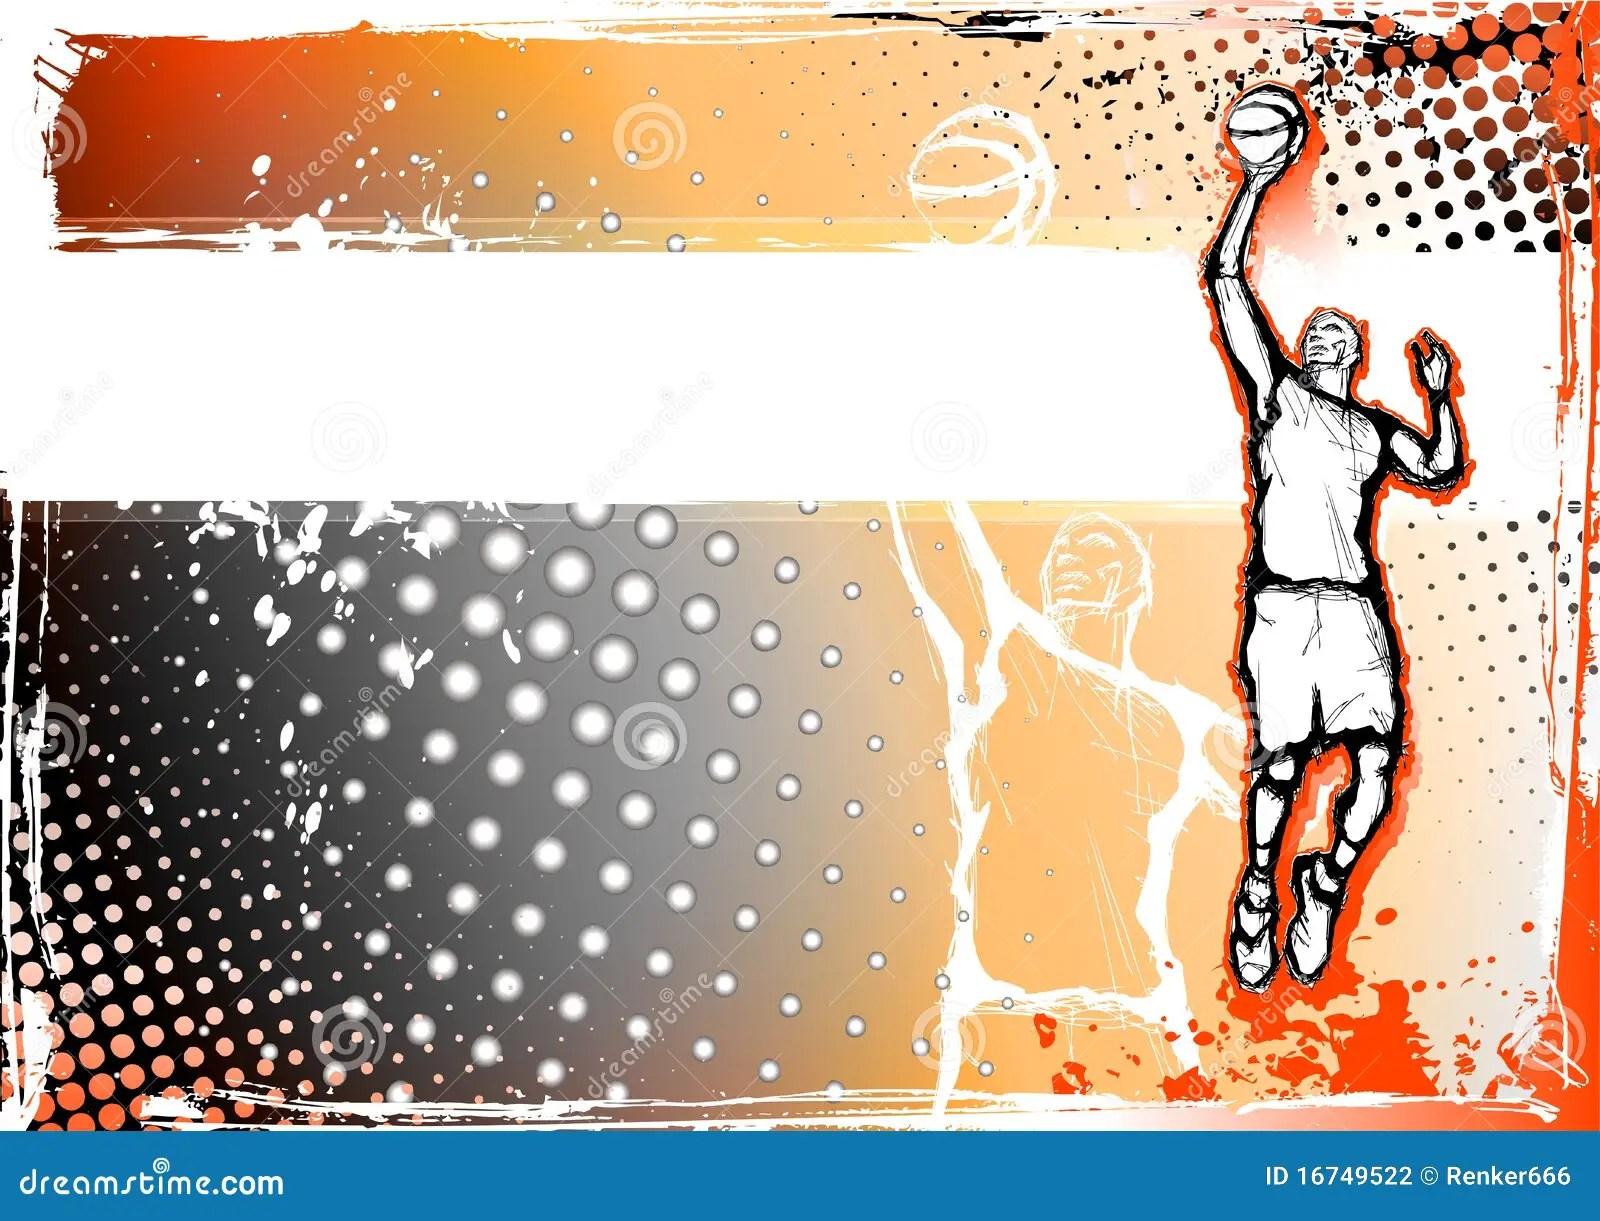 Basketball Background Stock Photography Image 16749522